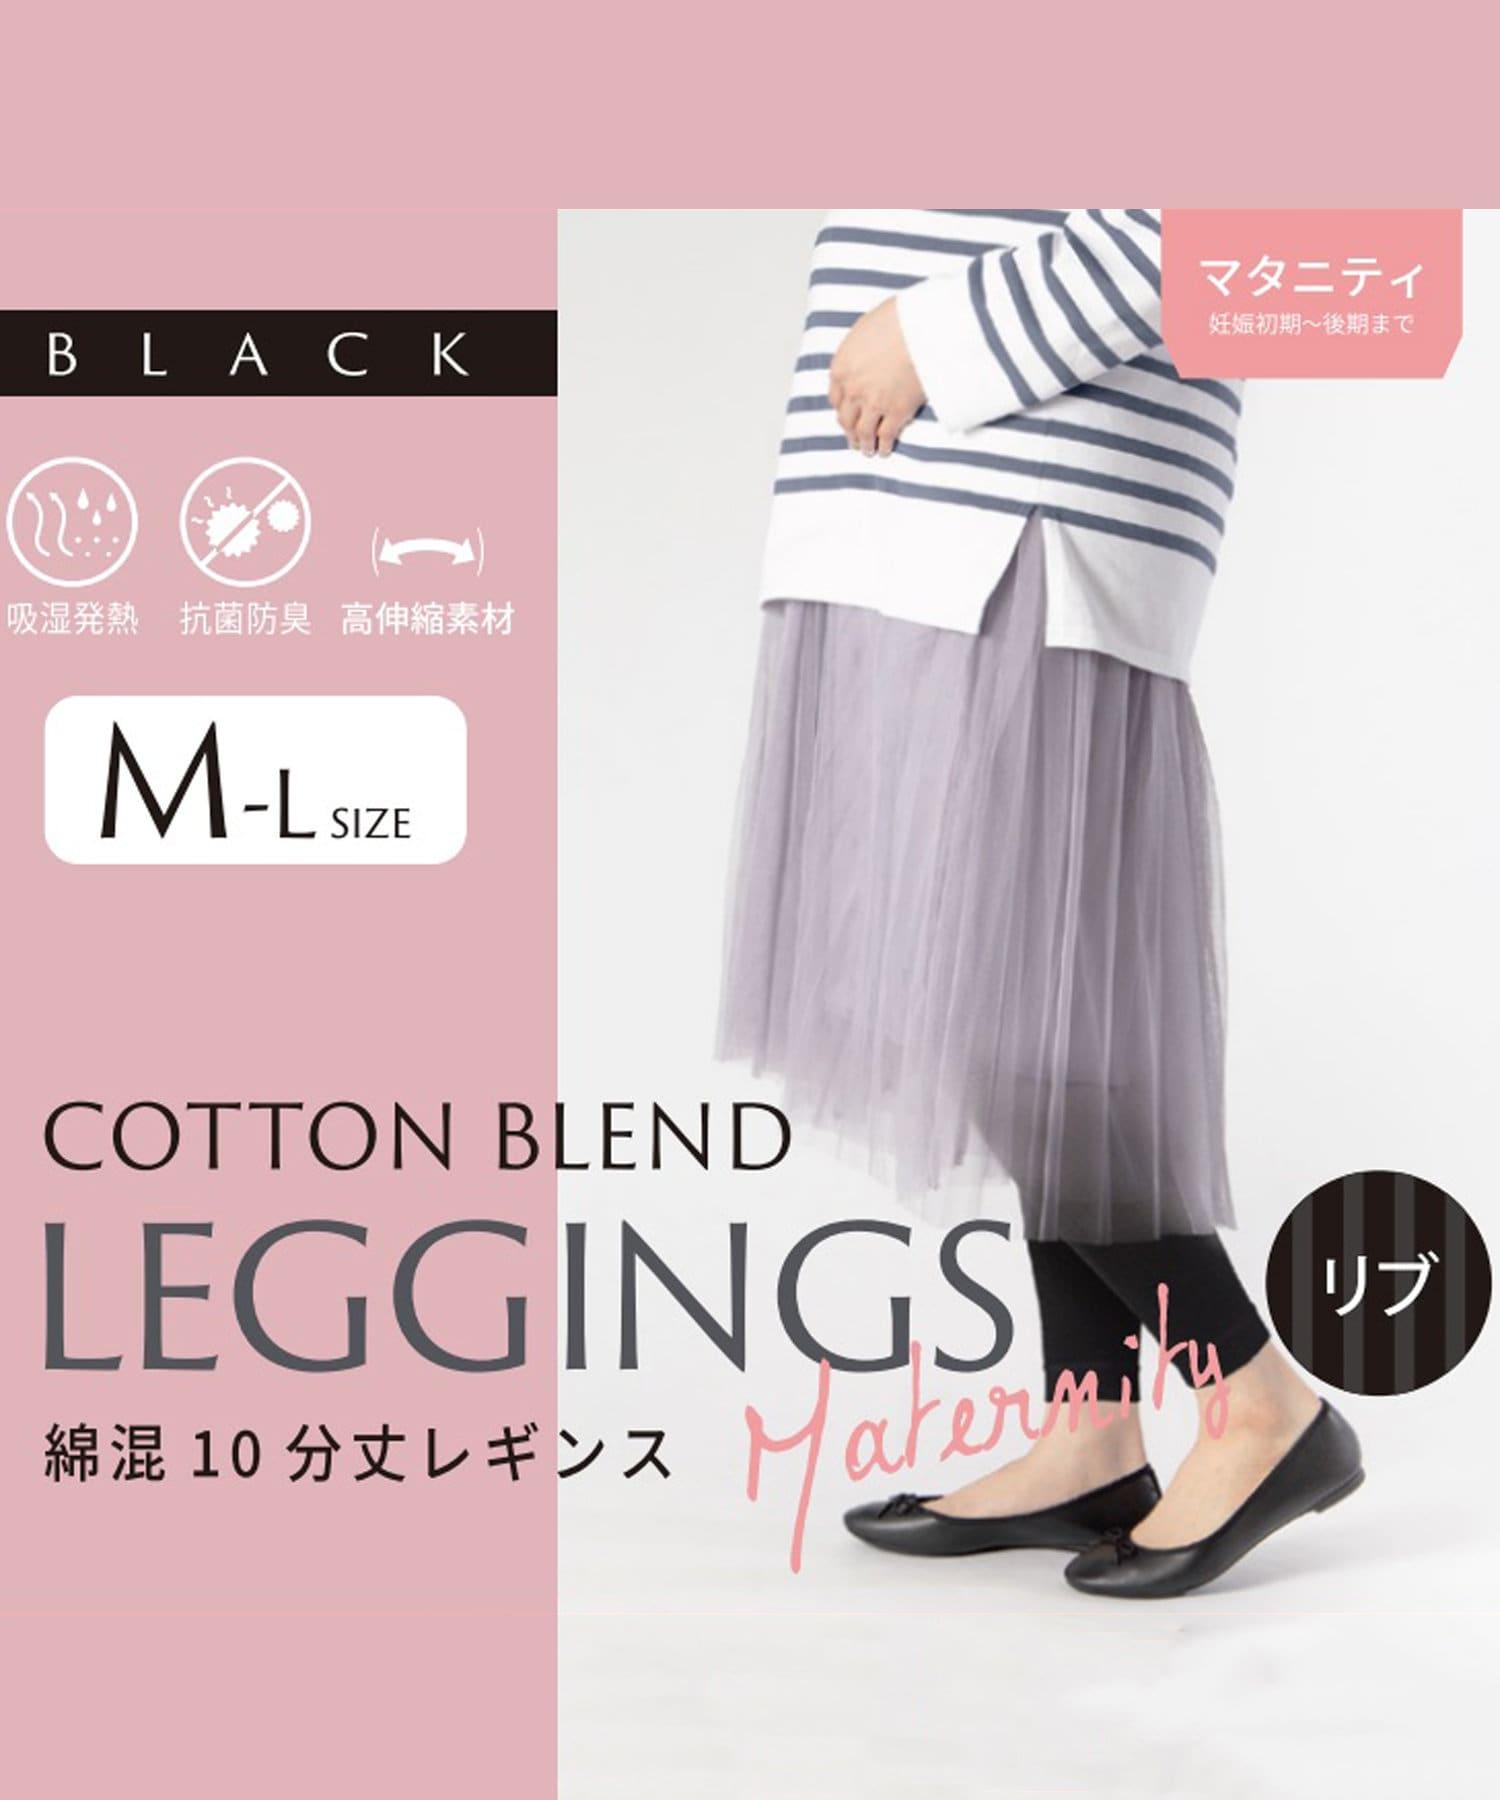 3COINS(スリーコインズ) レディース 【マタニティ】綿混10分丈レギンスリブ:Mサイズ ブラック